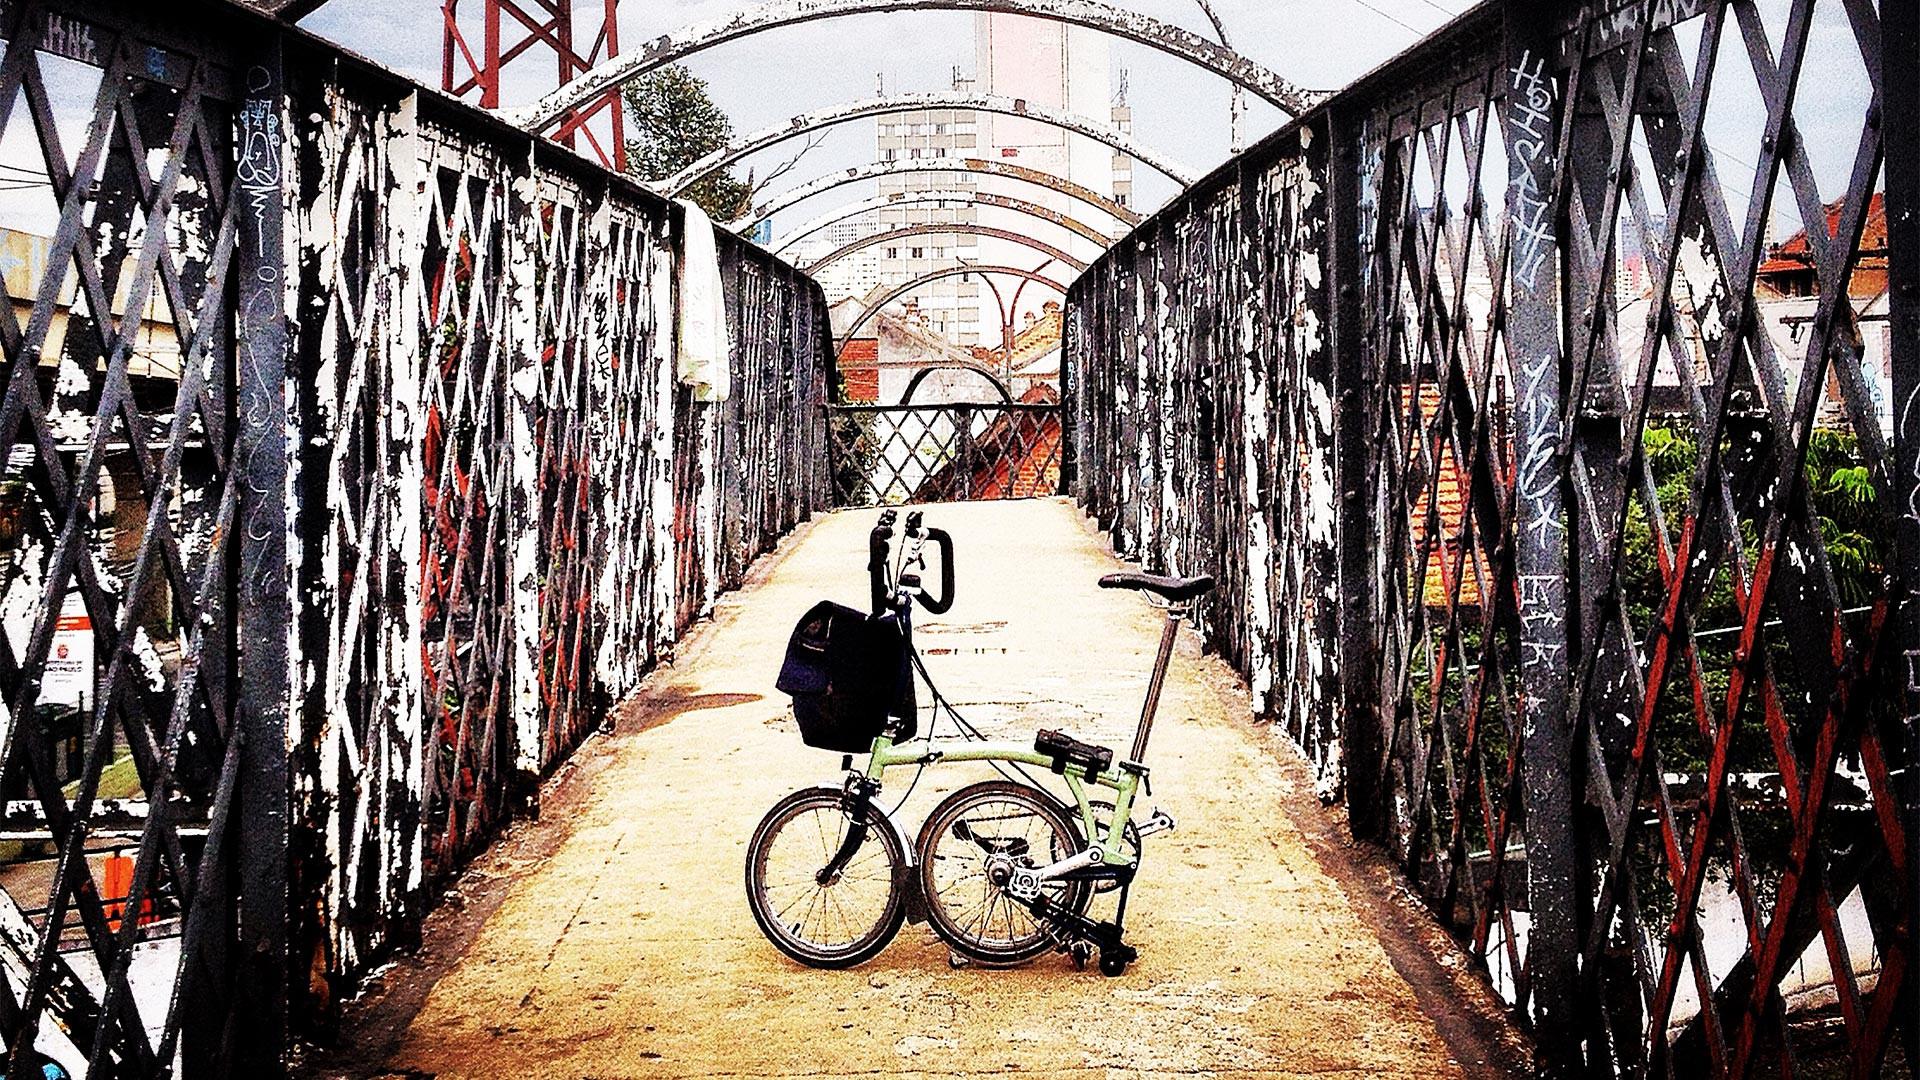 A brompton bike on a bridge in Sao Paolo, Brazil